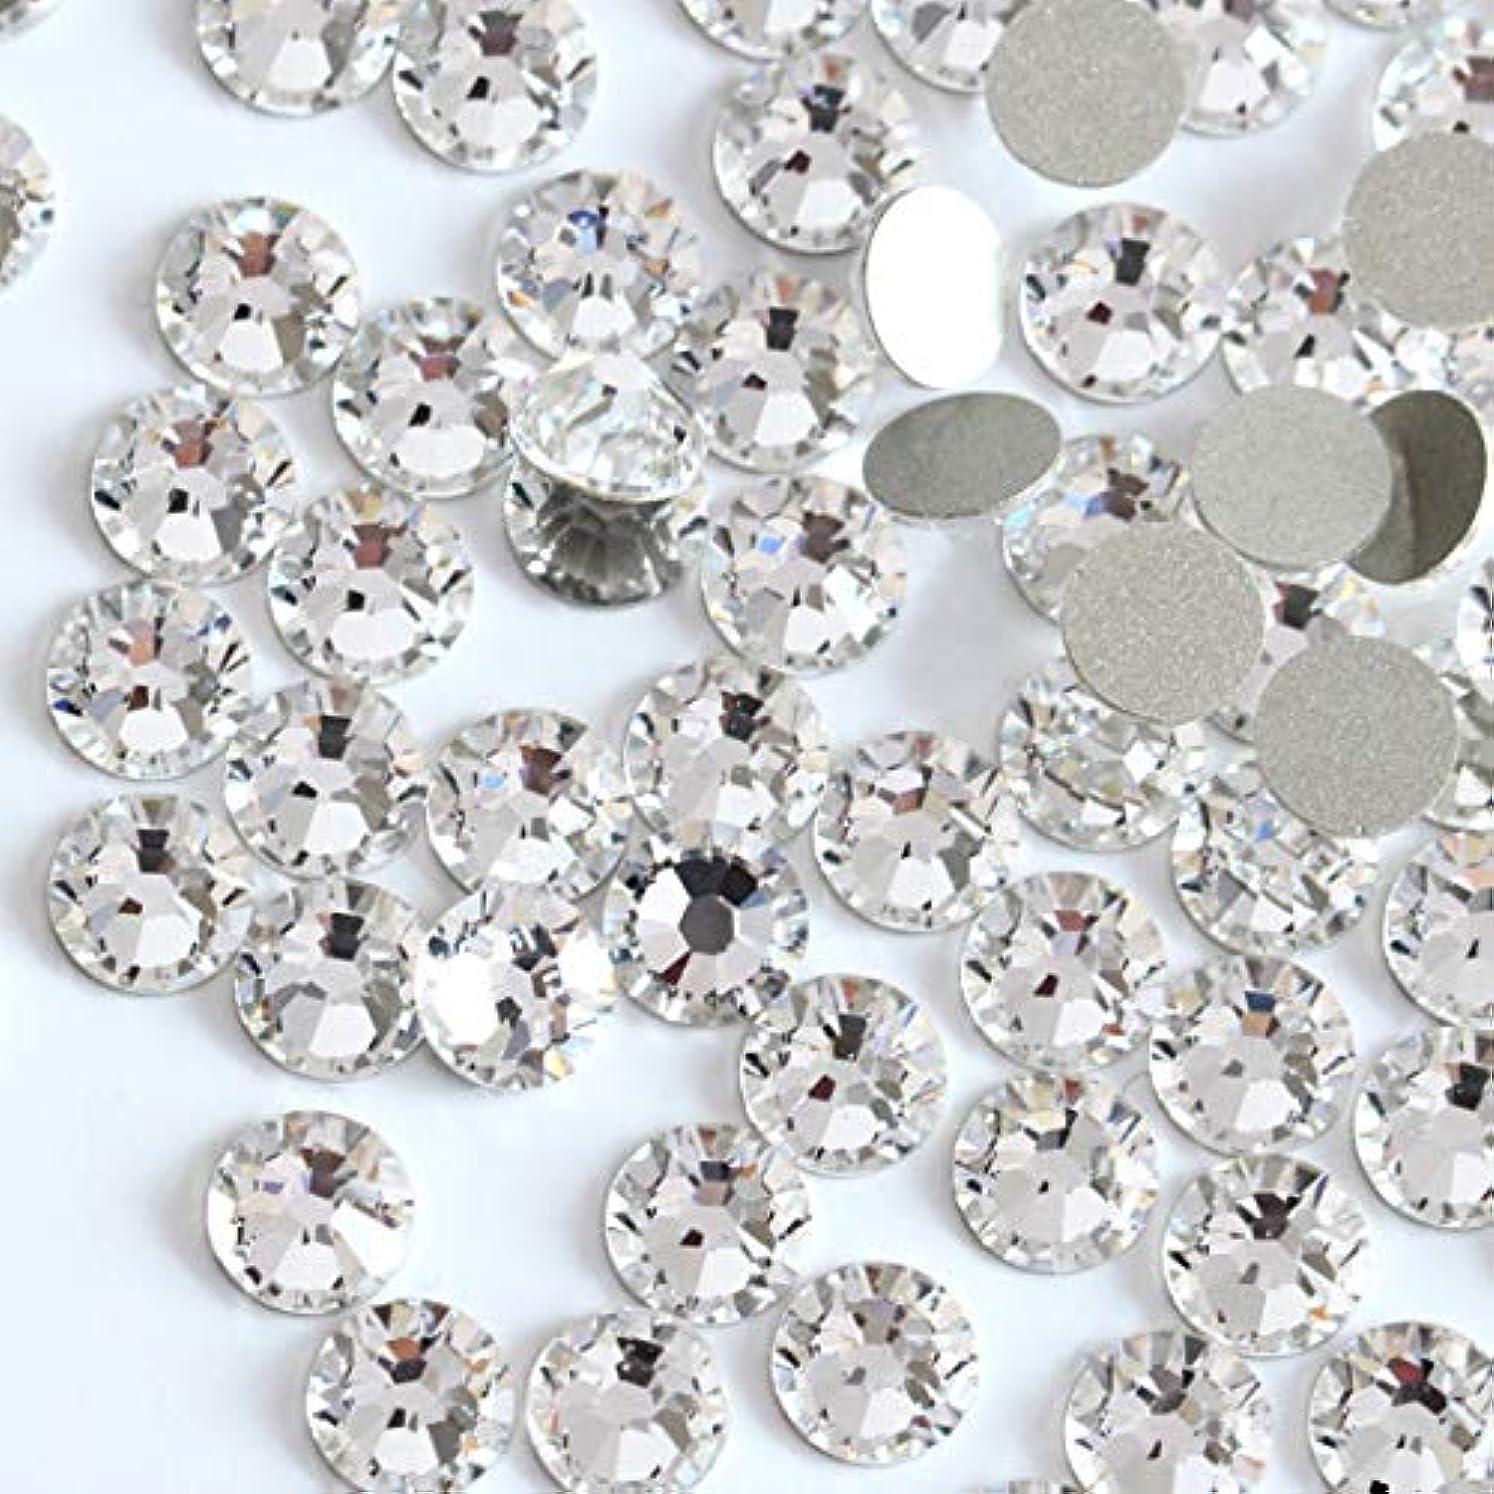 干し草コール抜本的な【ラインストーン77】 高品質ガラス製ラインストーン クリスタル(7.1mm (SS34) 約30粒)